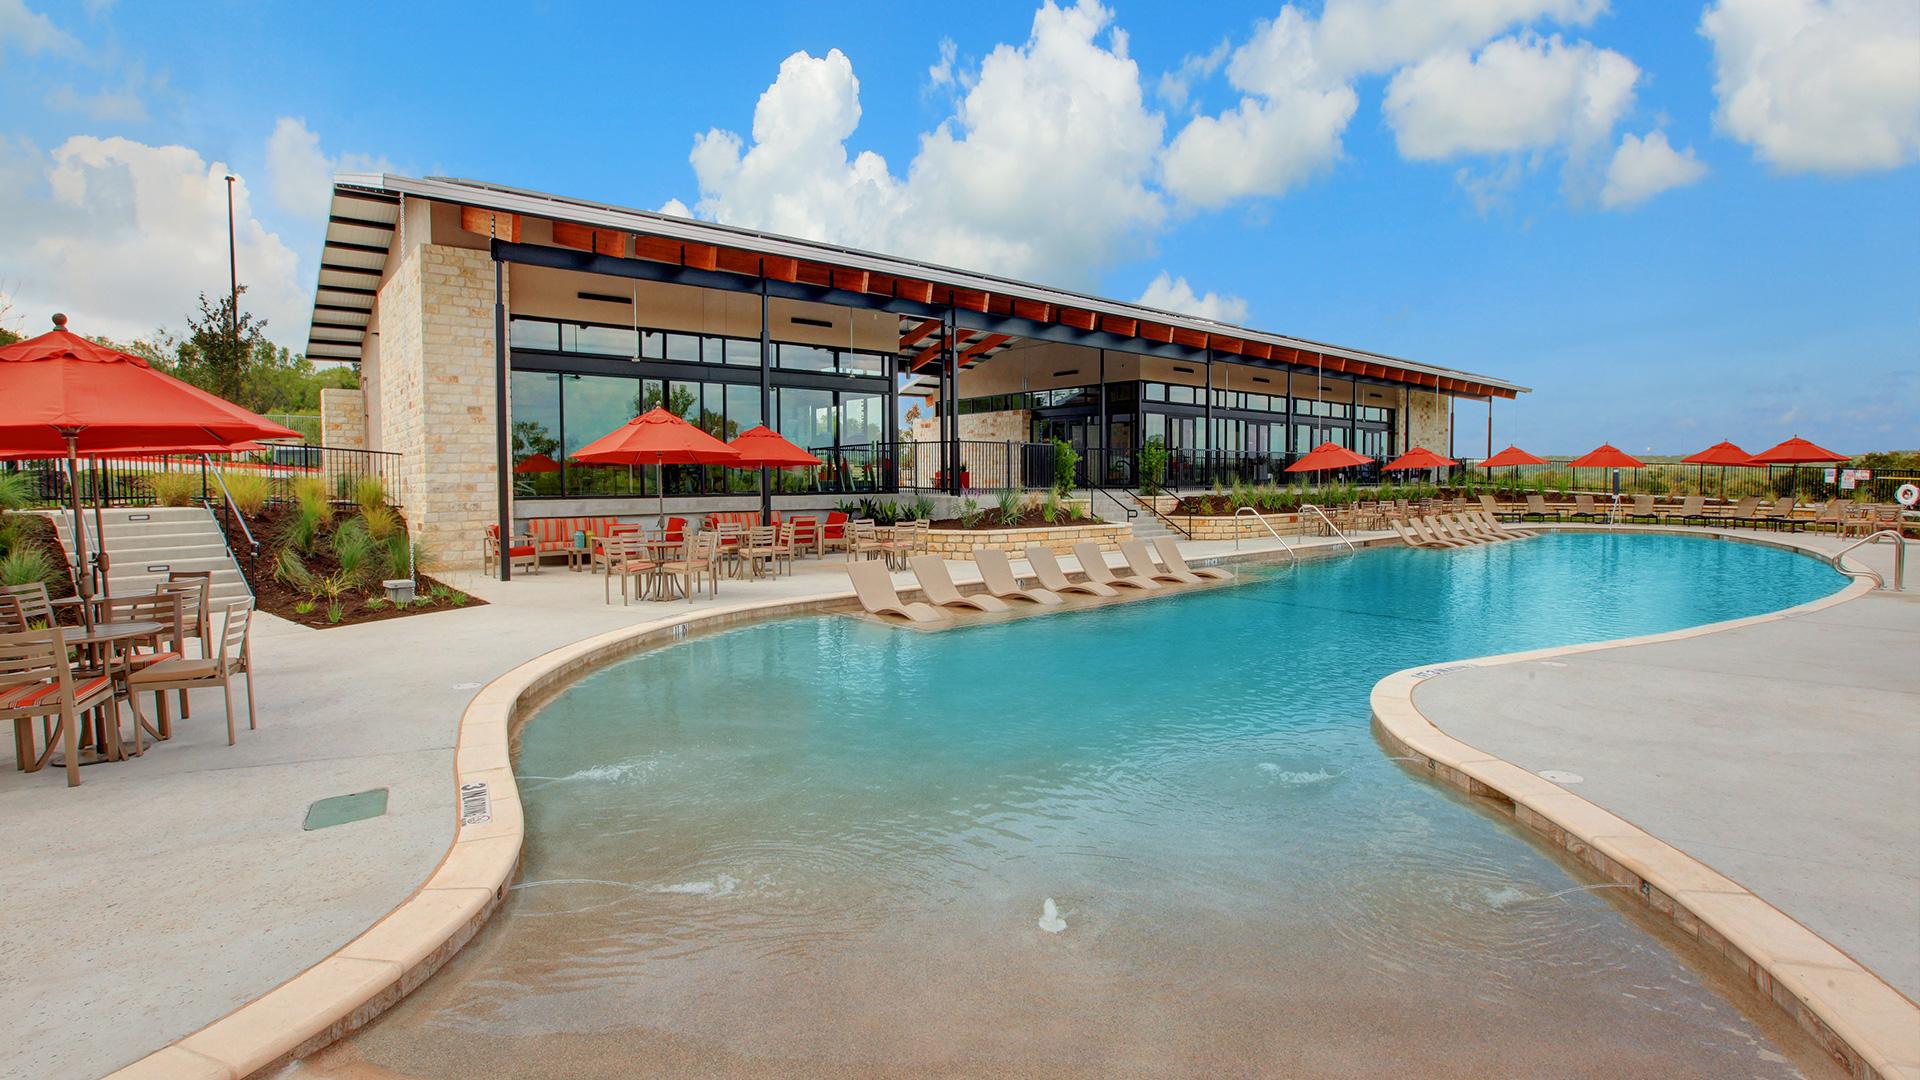 Whisper Valley Austin Texas New Homes For Sale   Avi Homes